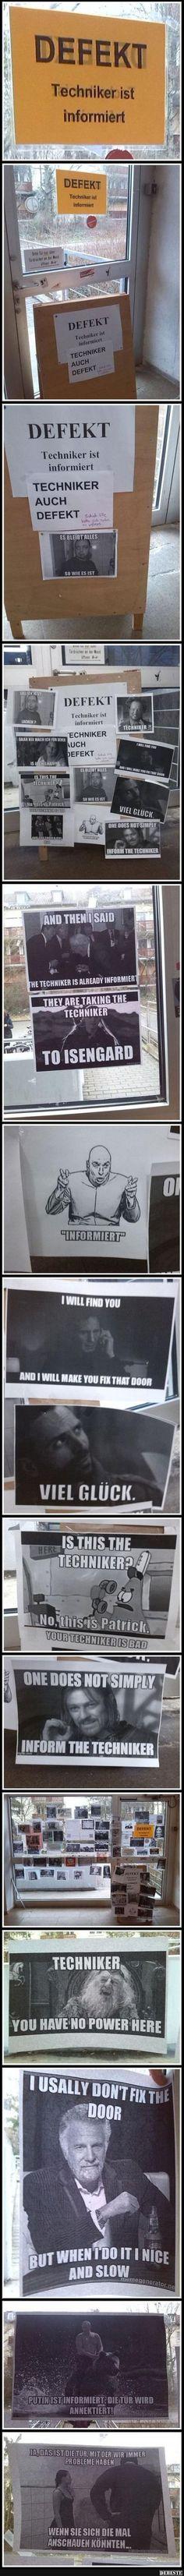 Defekt. Der Techniker ist informiert.. | Lustige Bilder, Sprüche, Witze, echt lustig